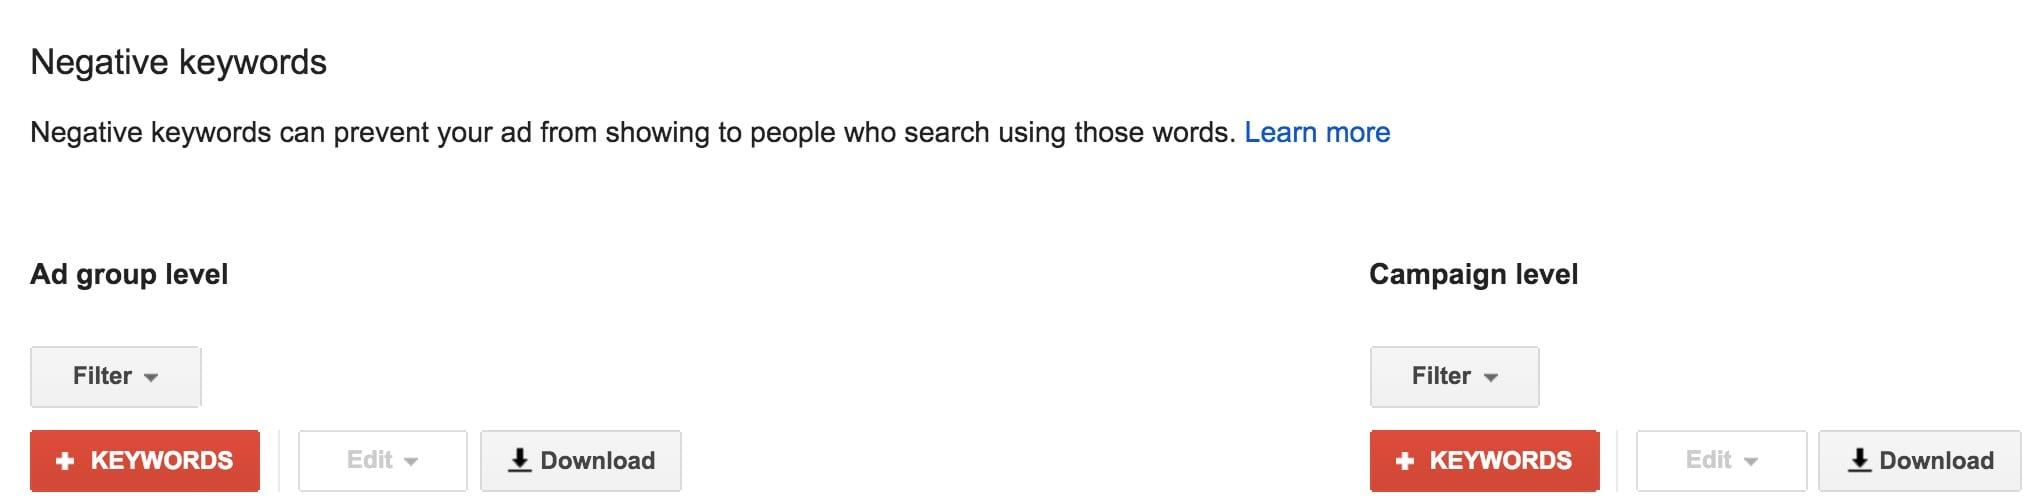 Negative Keywords in Google's Adwords PPC campaigns